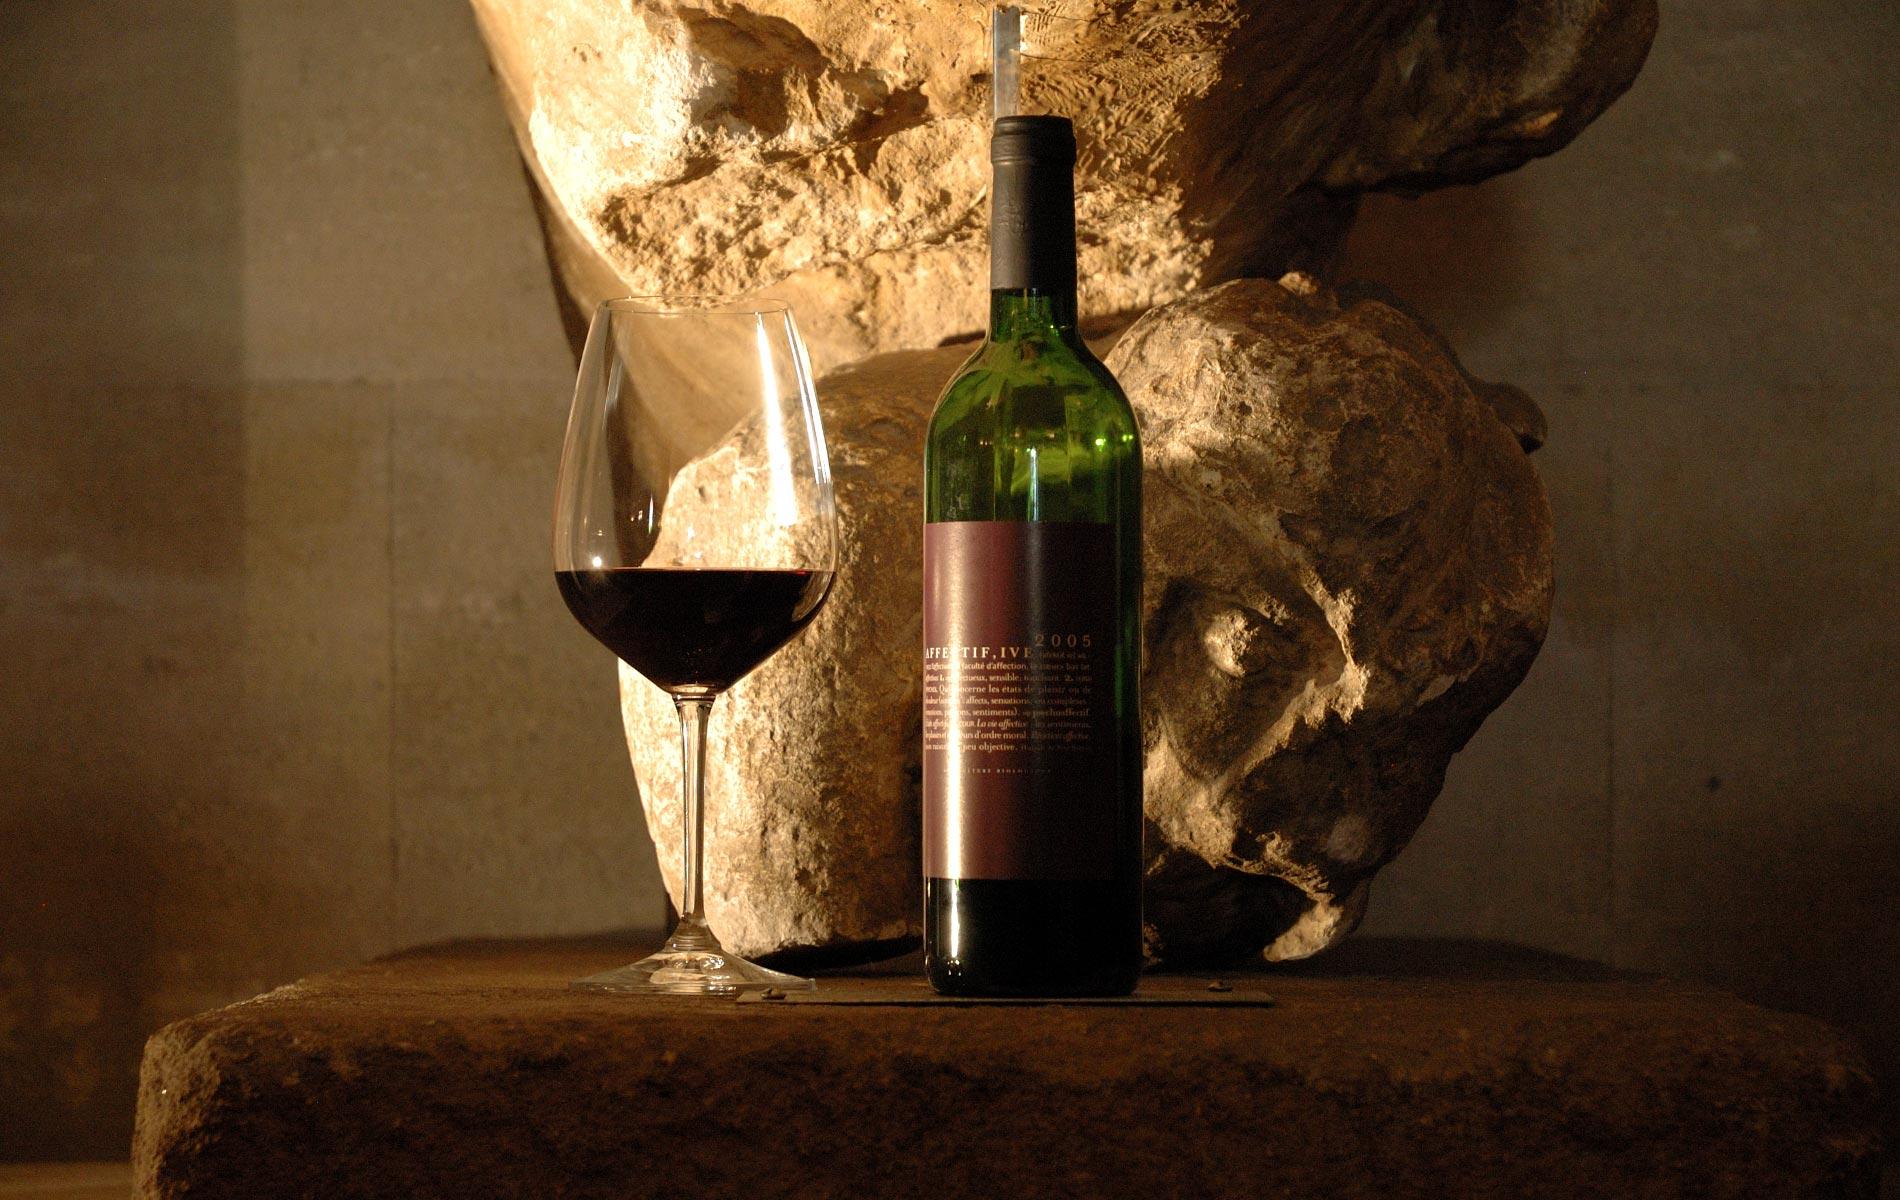 Un site vraiment passionnant sur les vins